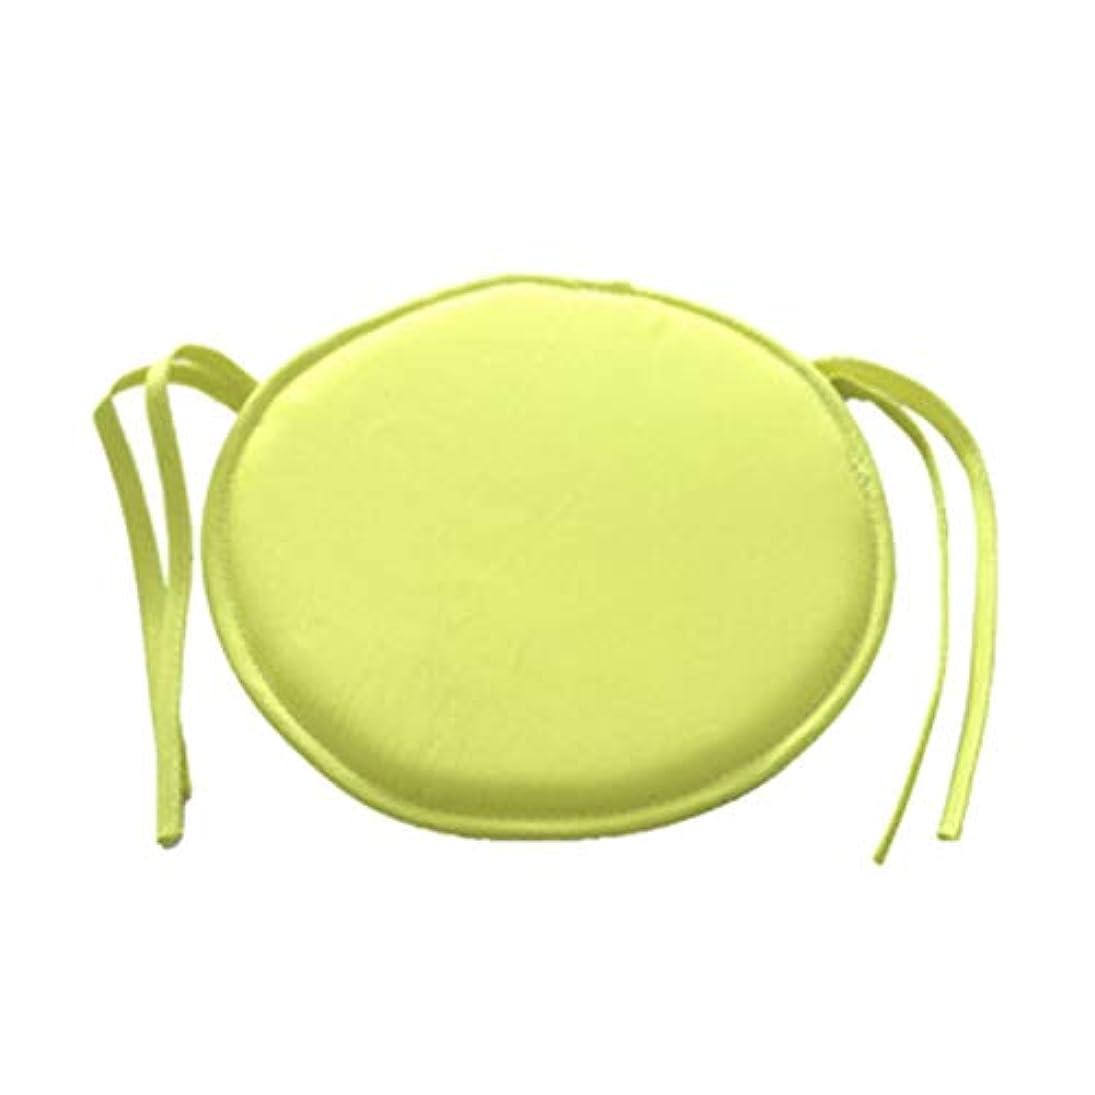 完了スカープ中にLIFE ホット販売ラウンドチェアクッション屋内ポップパティオオフィスチェアシートパッドネクタイスクエアガーデンキッチンダイニングクッション クッション 椅子